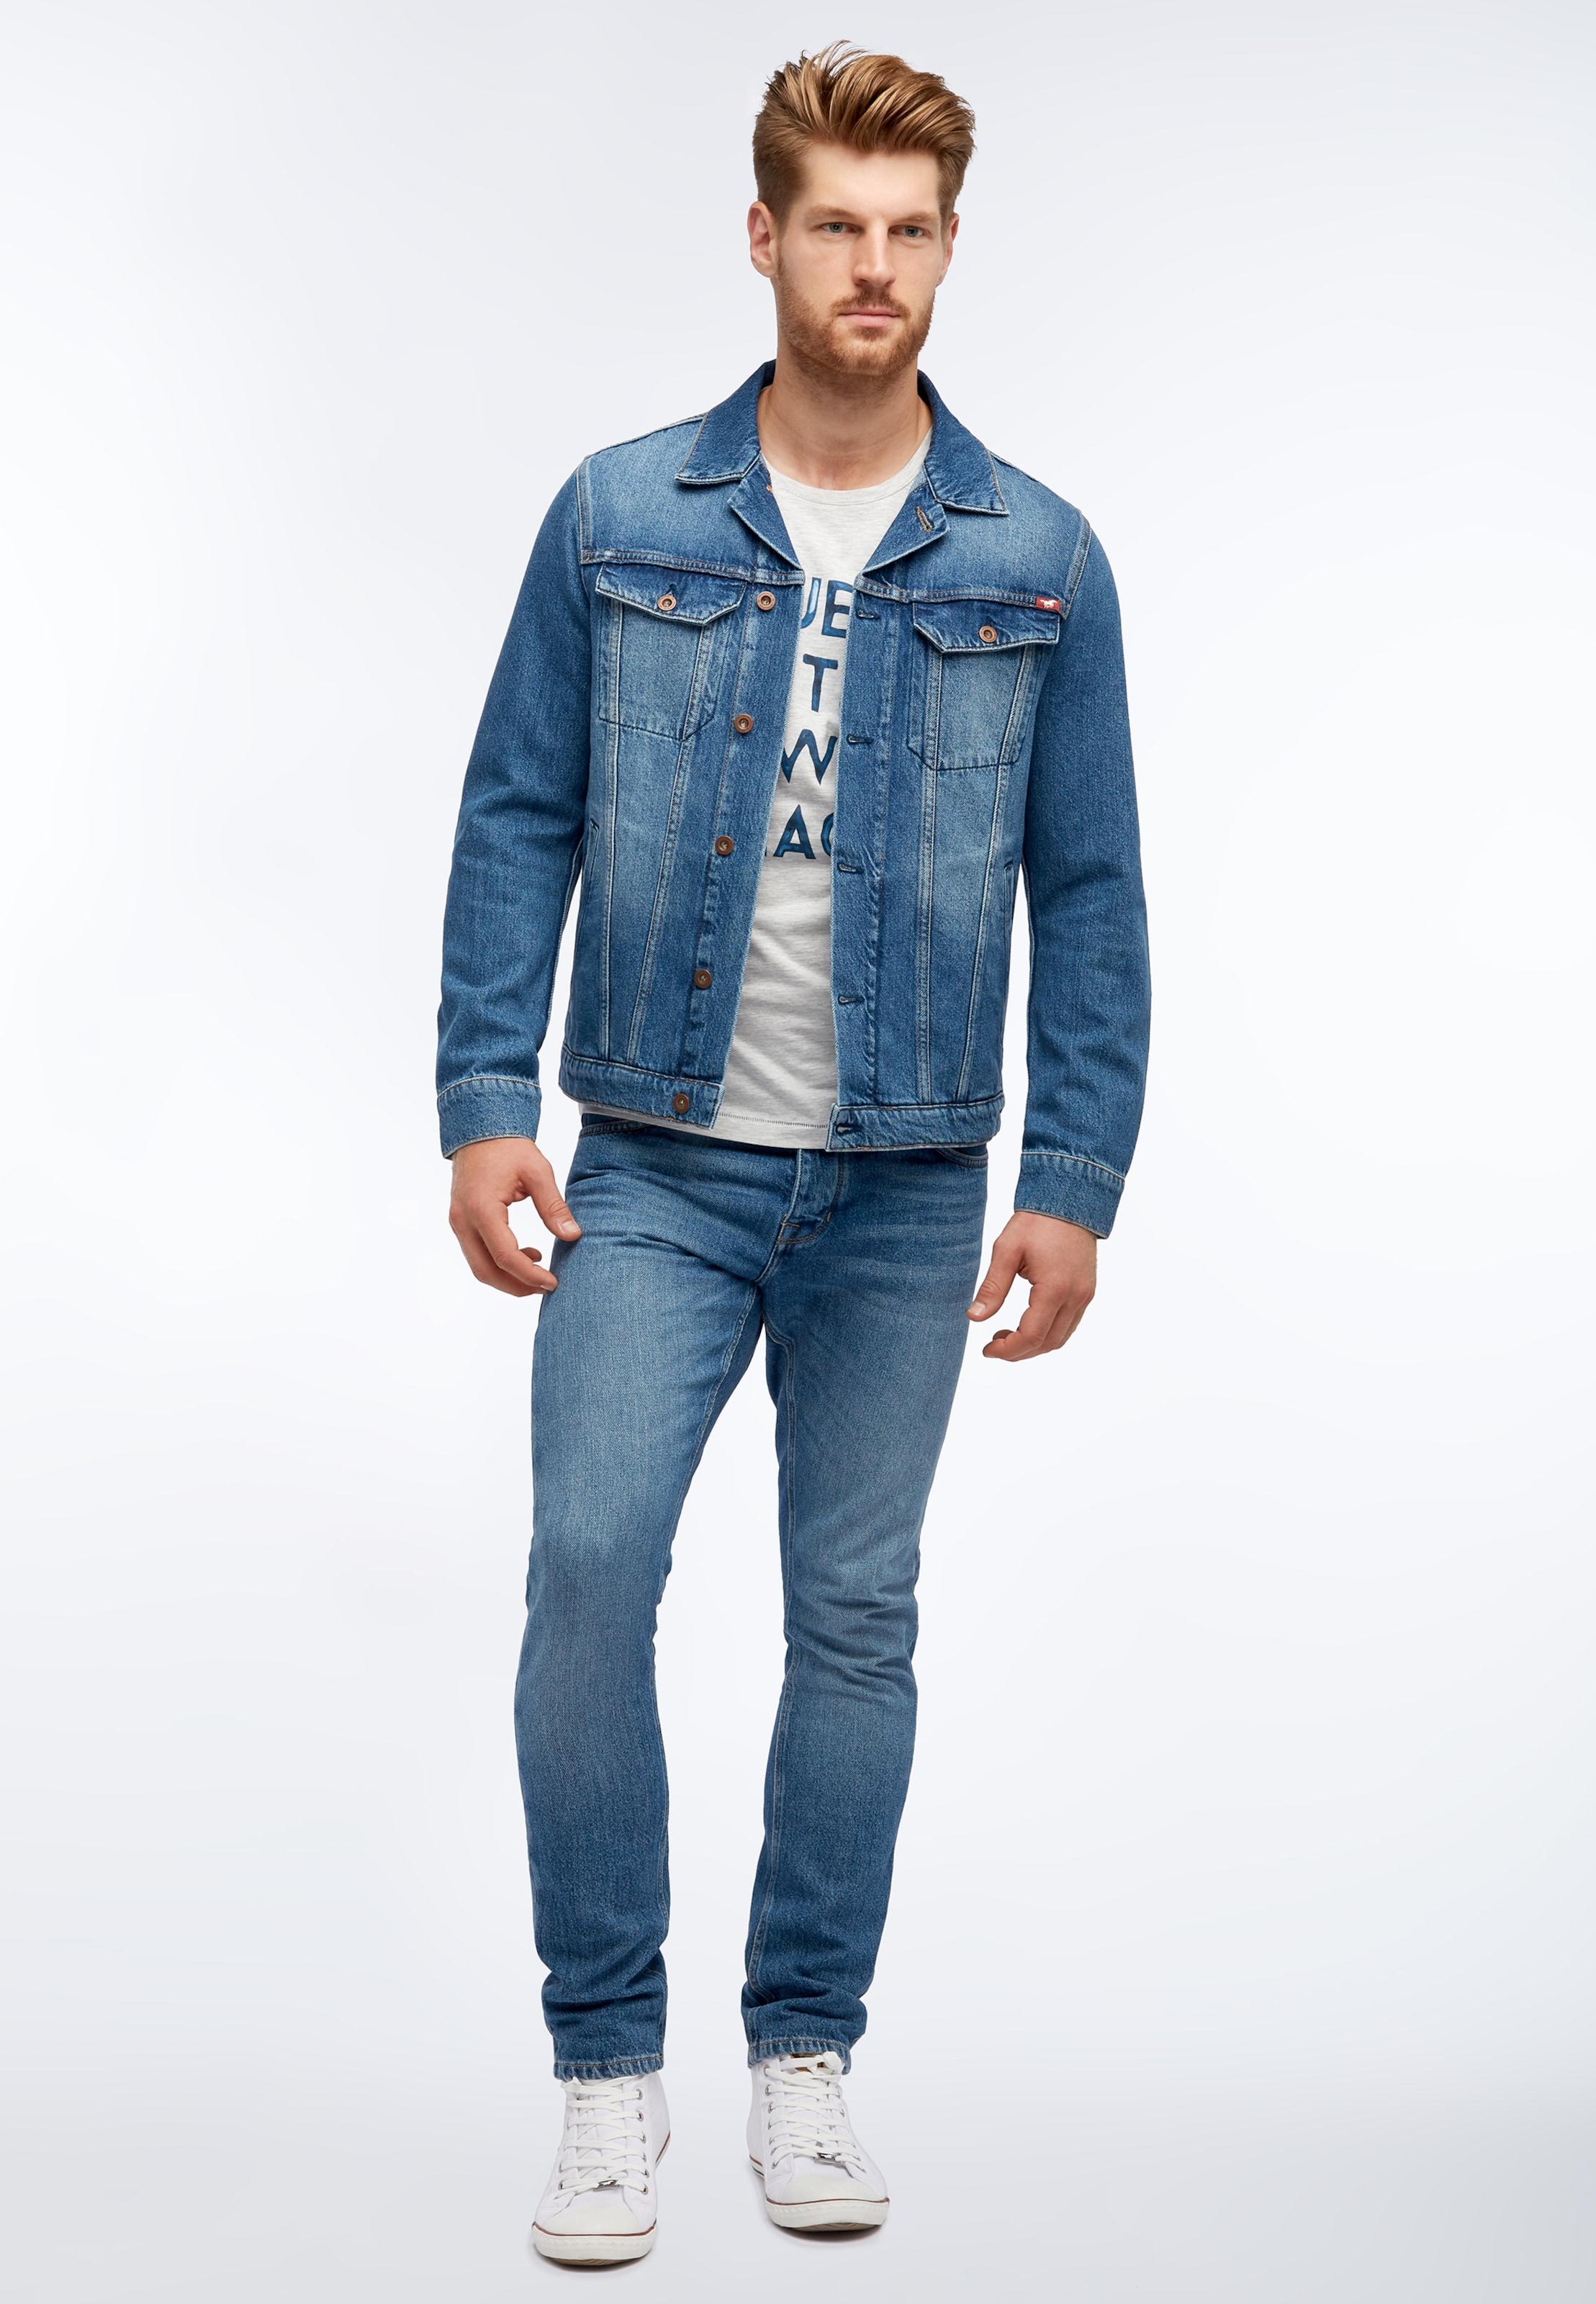 Mustang Jacke Denim Denim In Blue Mustang Jacke In Blue kiuOPXZT